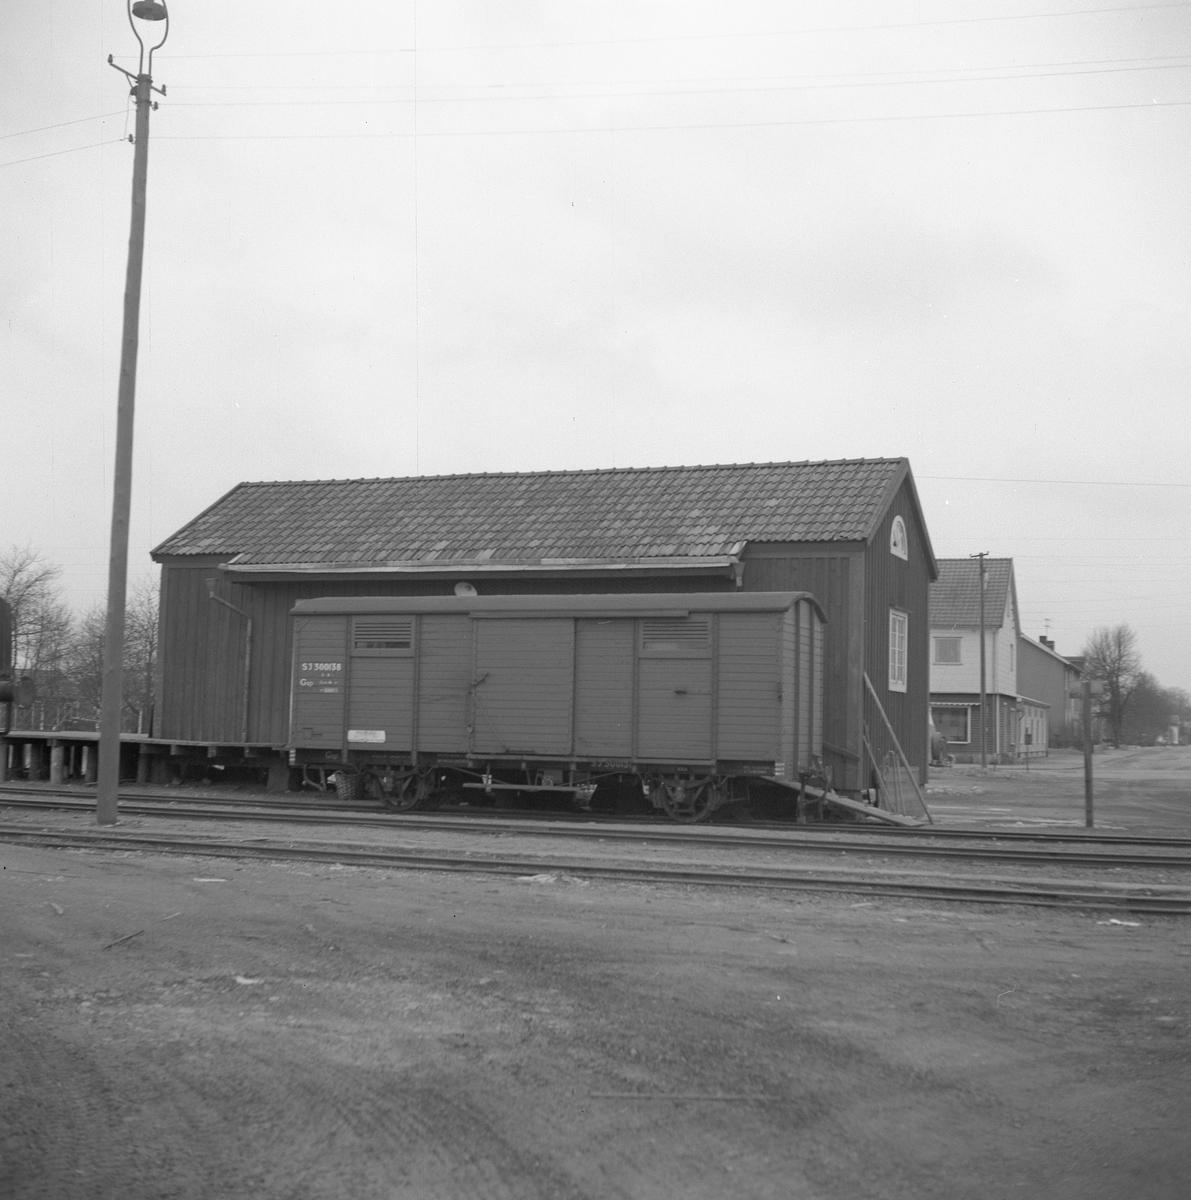 Statens Järnvägar, SJ Gsp 300138. Station anlagd 1922. Envånings stationshus i trä, byggt i vinkel. Tjänstelokal och lägenhet renoverades 1944, samtidigt tillbyggdes magasinet